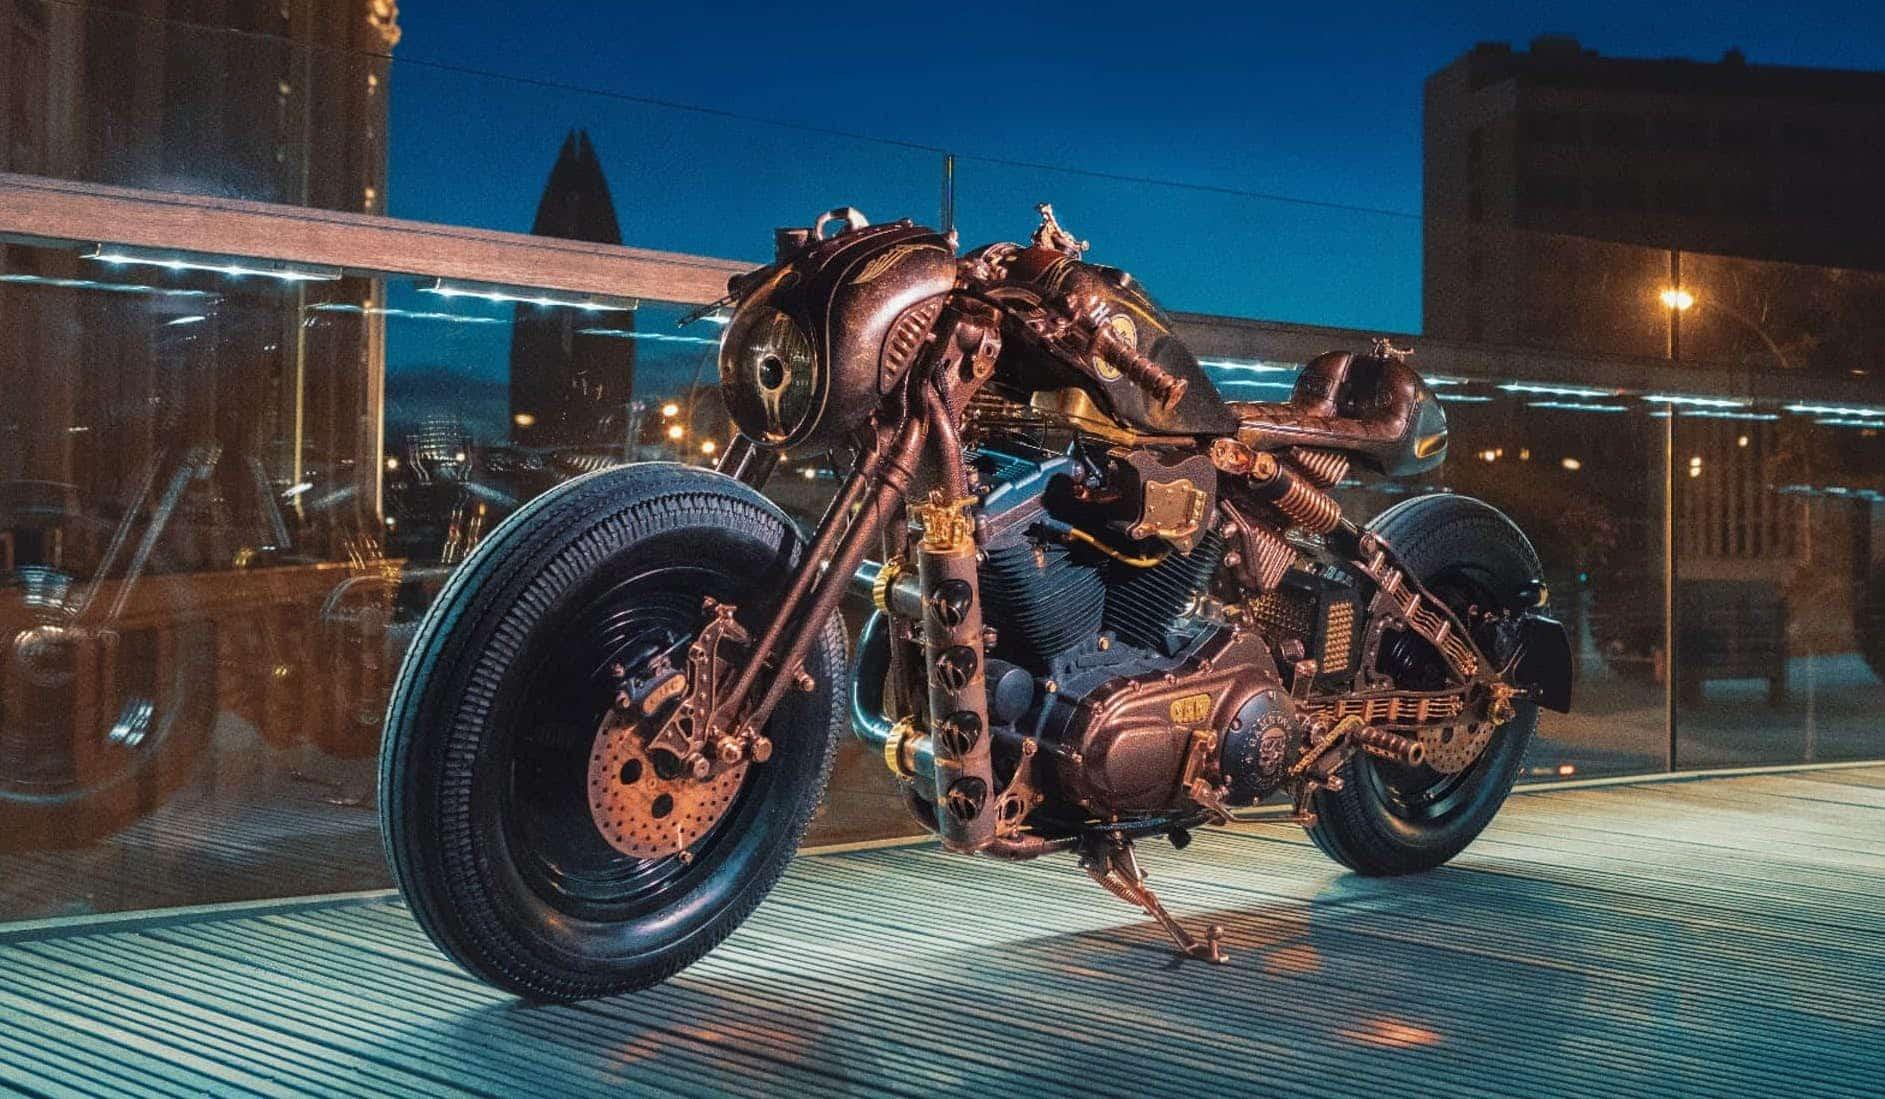 Esta Harley-Davidson es un monstruo único en el mundo y está construida como pleno tributo al Rock 'n' Roll